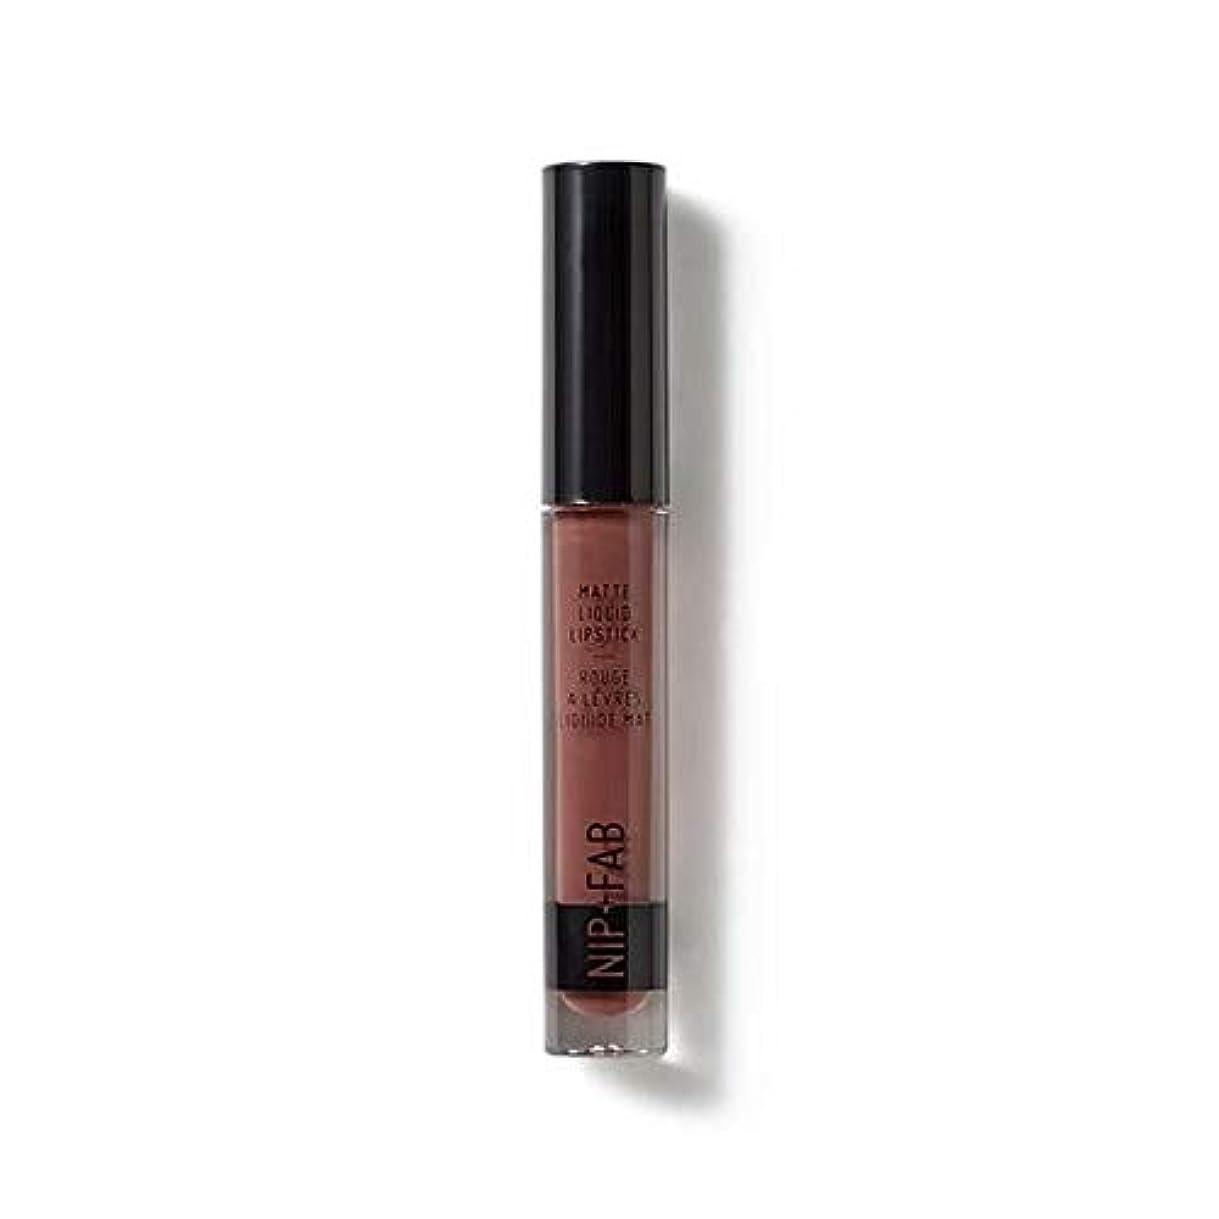 聴衆開発する地区[Nip & Fab ] マット液状口紅2.6ミリリットルブラウニー50を構成するFab +ニップ - NIP+FAB Make Up Matte Liquid Lipstick 2.6ml Brownie 50 [並行輸入品]